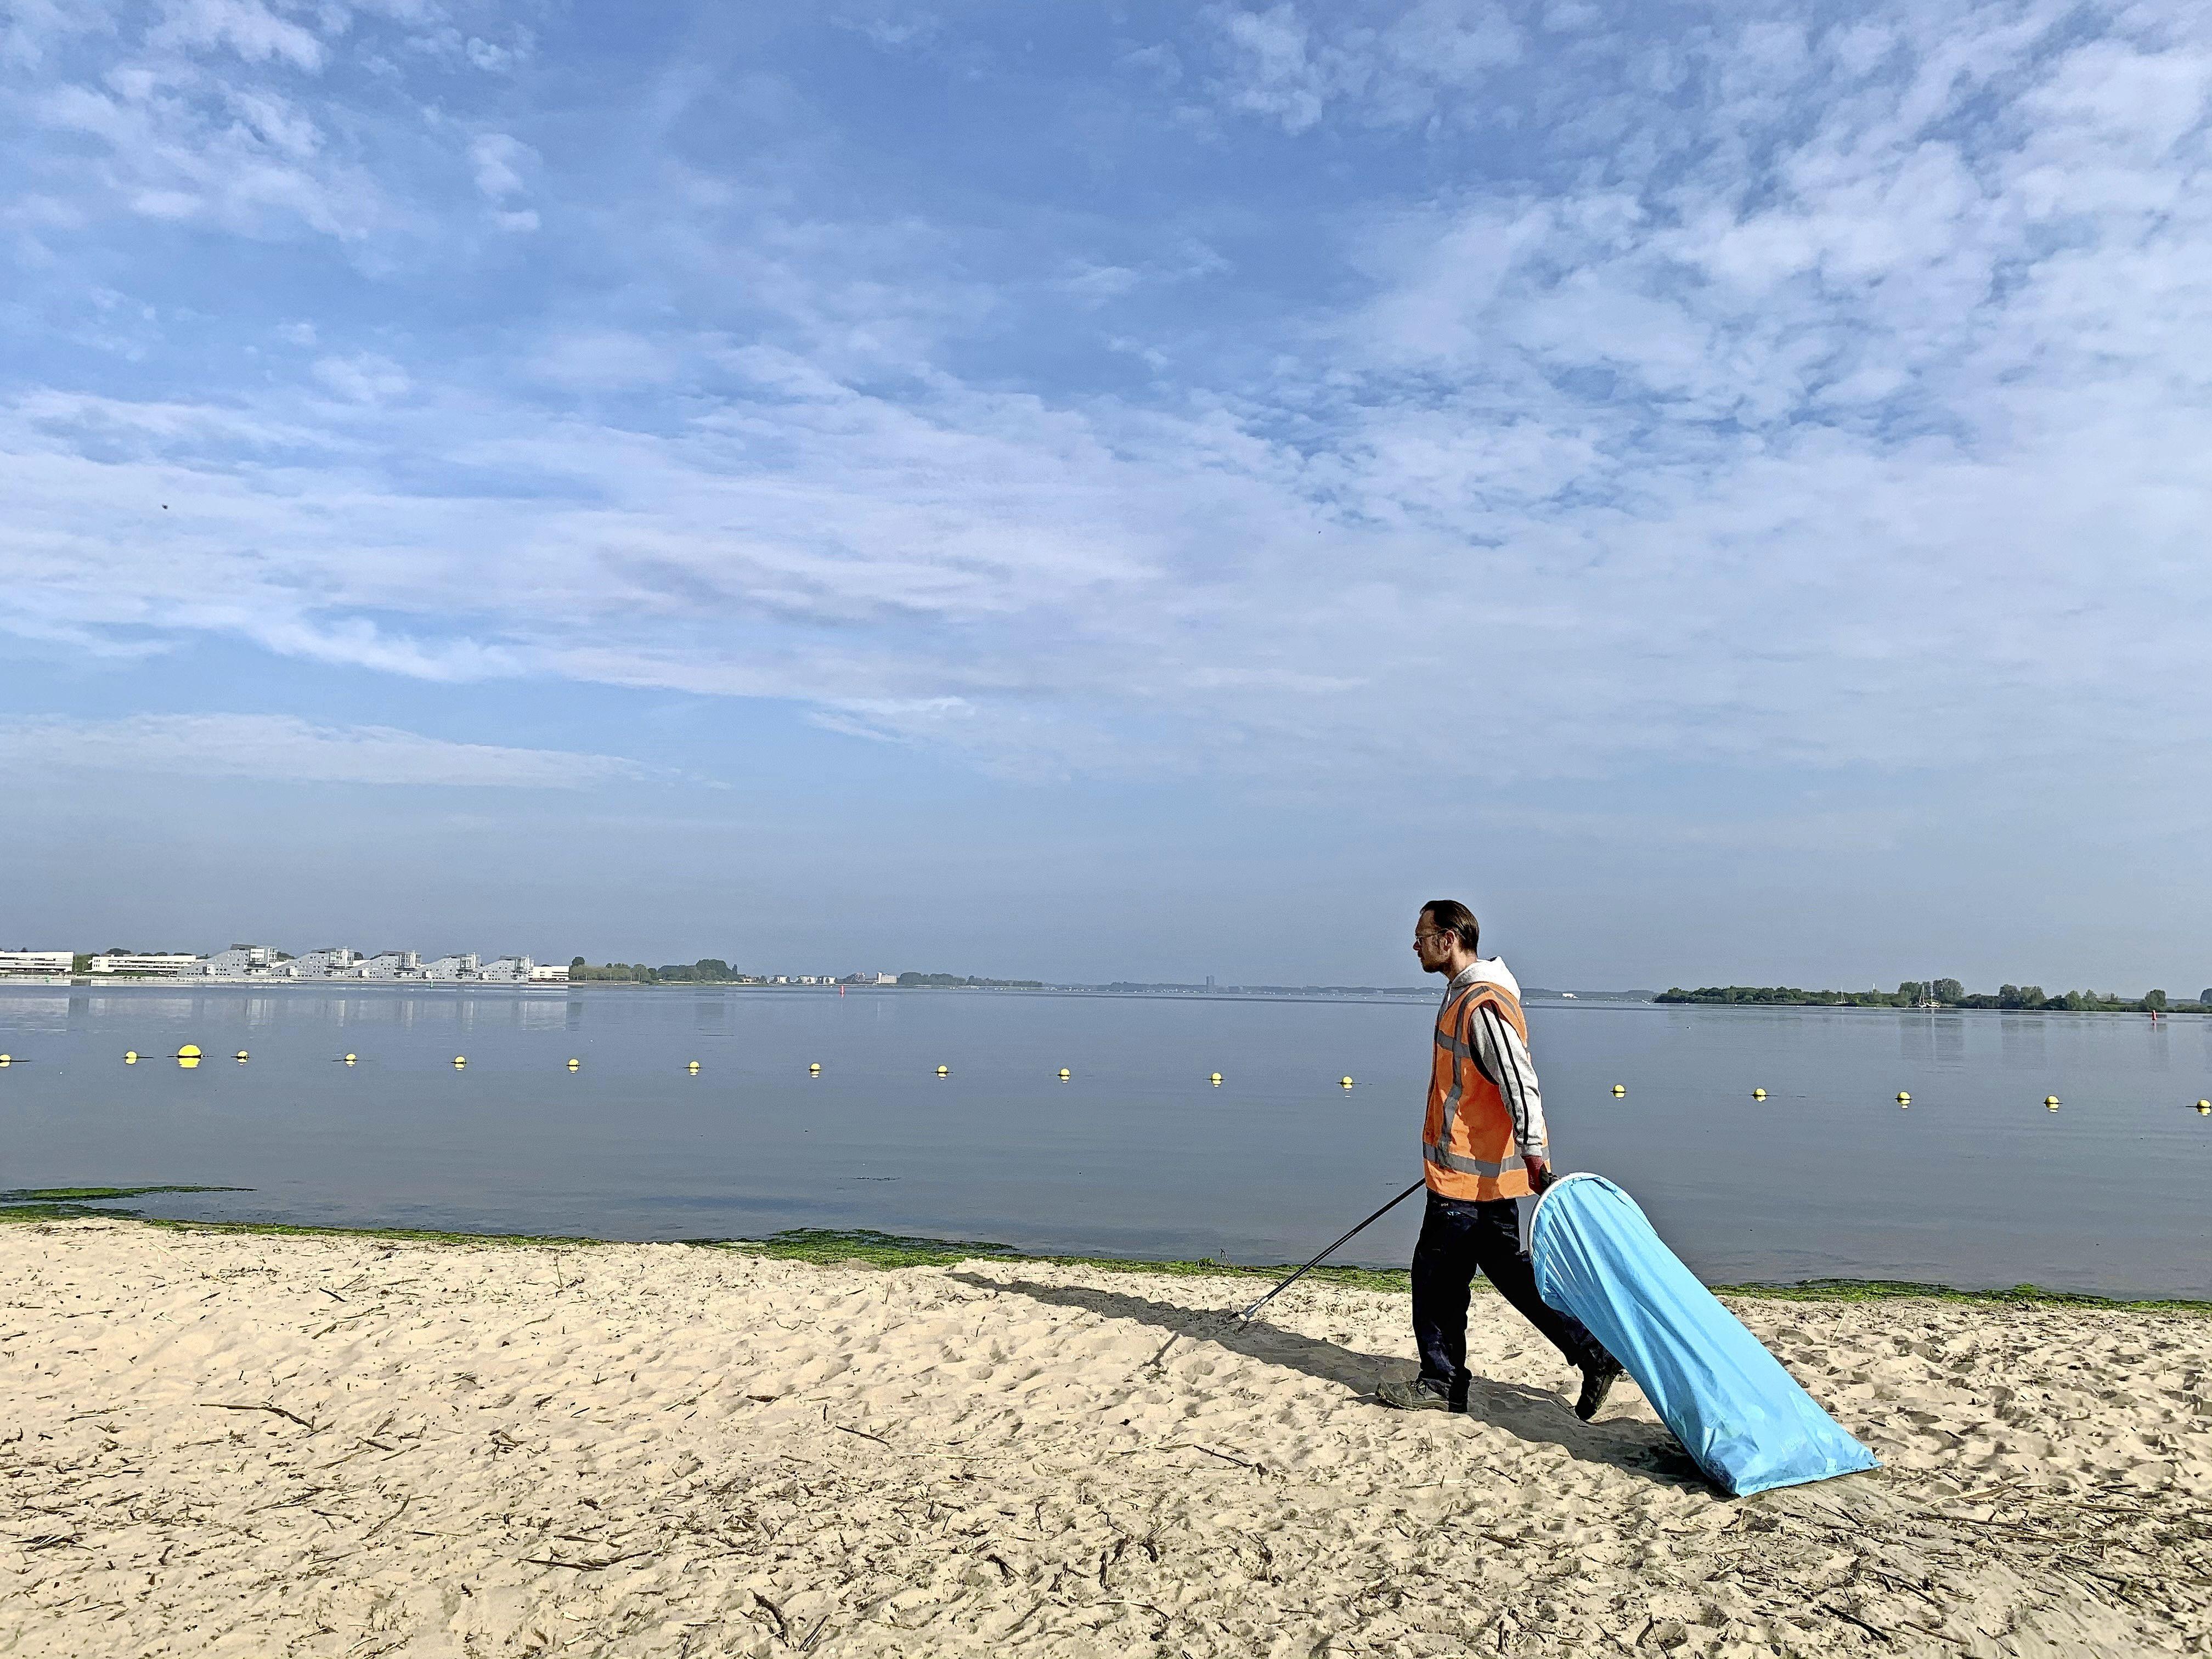 Iedere dag afval prikken op het Blaricumse strandje: 'Blikjes, flesjes, ijswikkels, peuken, mondkapjes. Prachtige plek maar ongelooflijk, wat maken bezoekers er een rotzooi van'